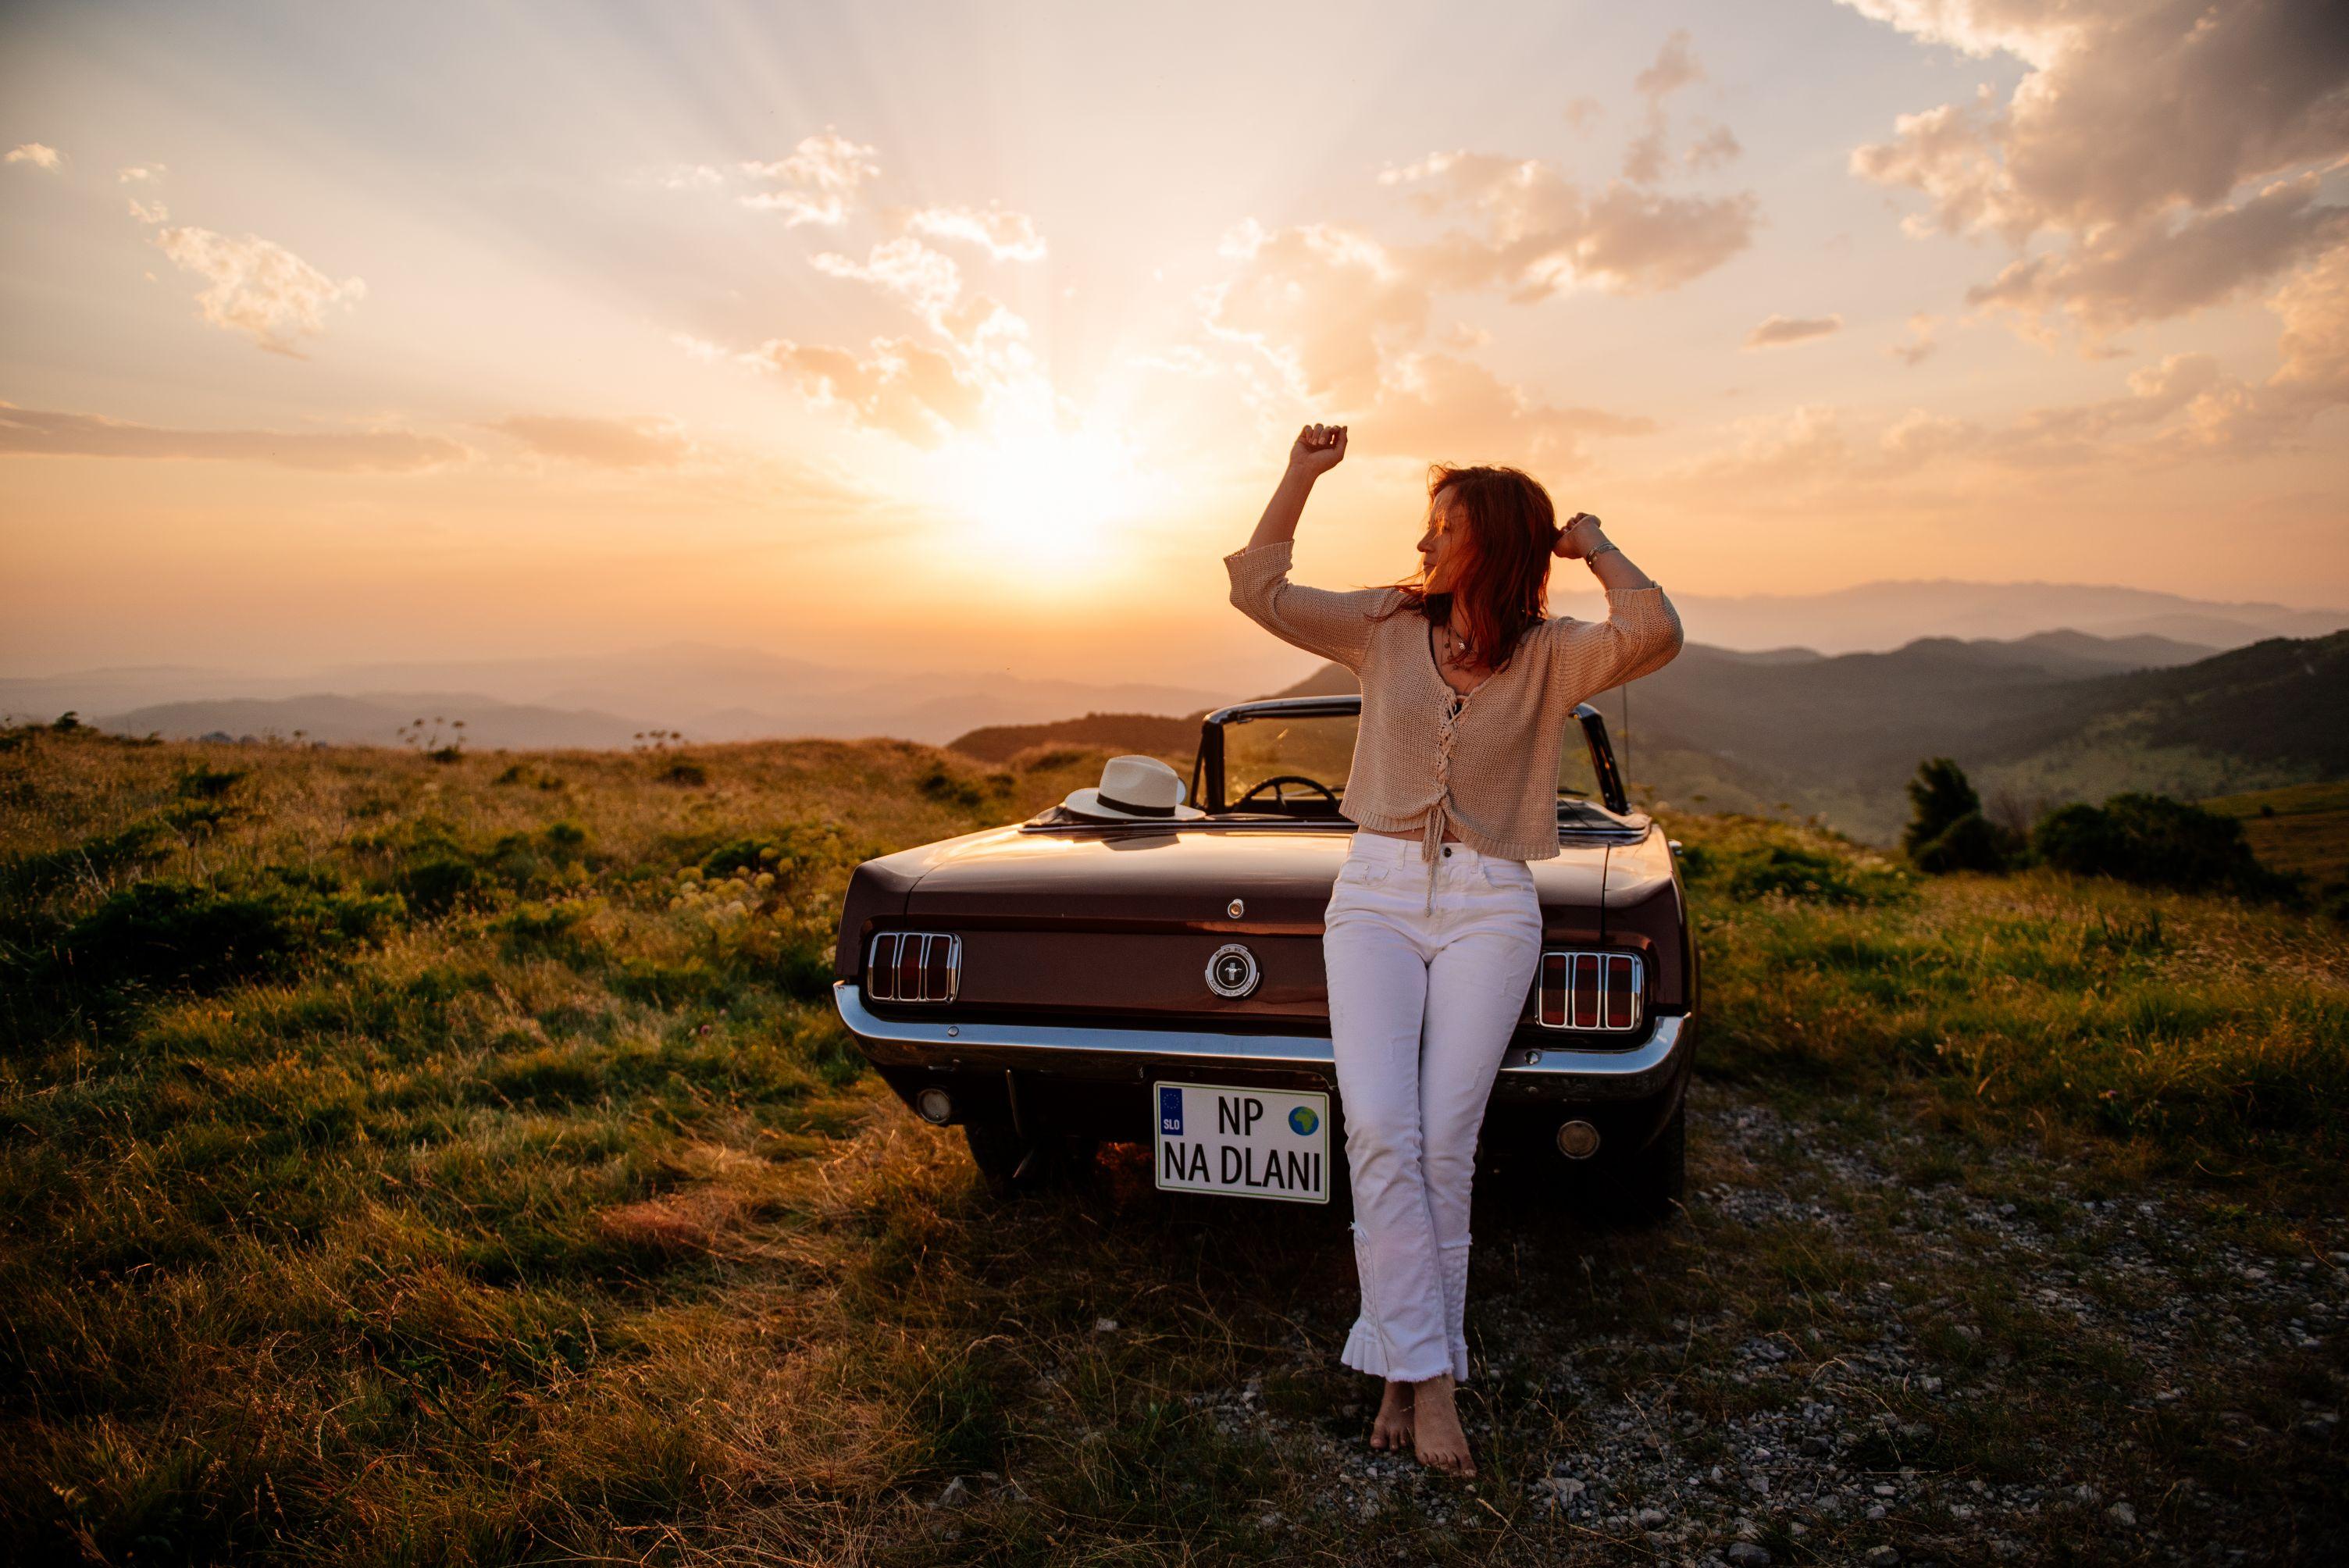 Legendarni Mustang '65 v spotu Svet na dlani Nine Pušlar